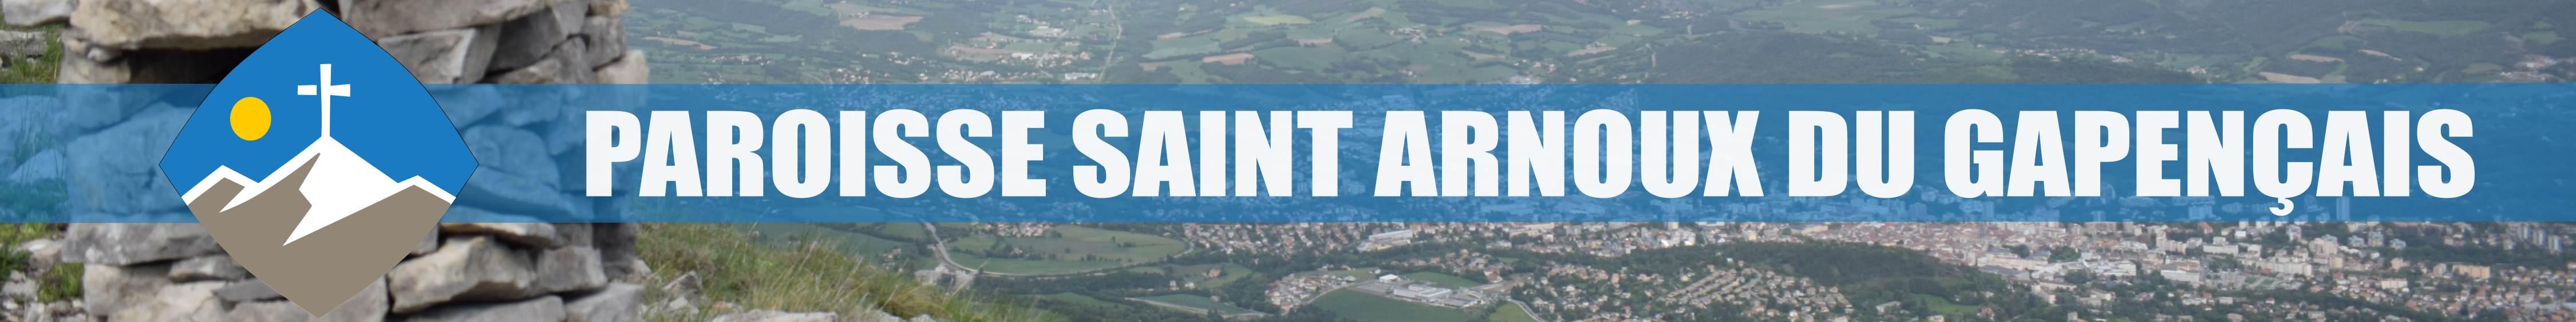 Paroisse St Arnoux